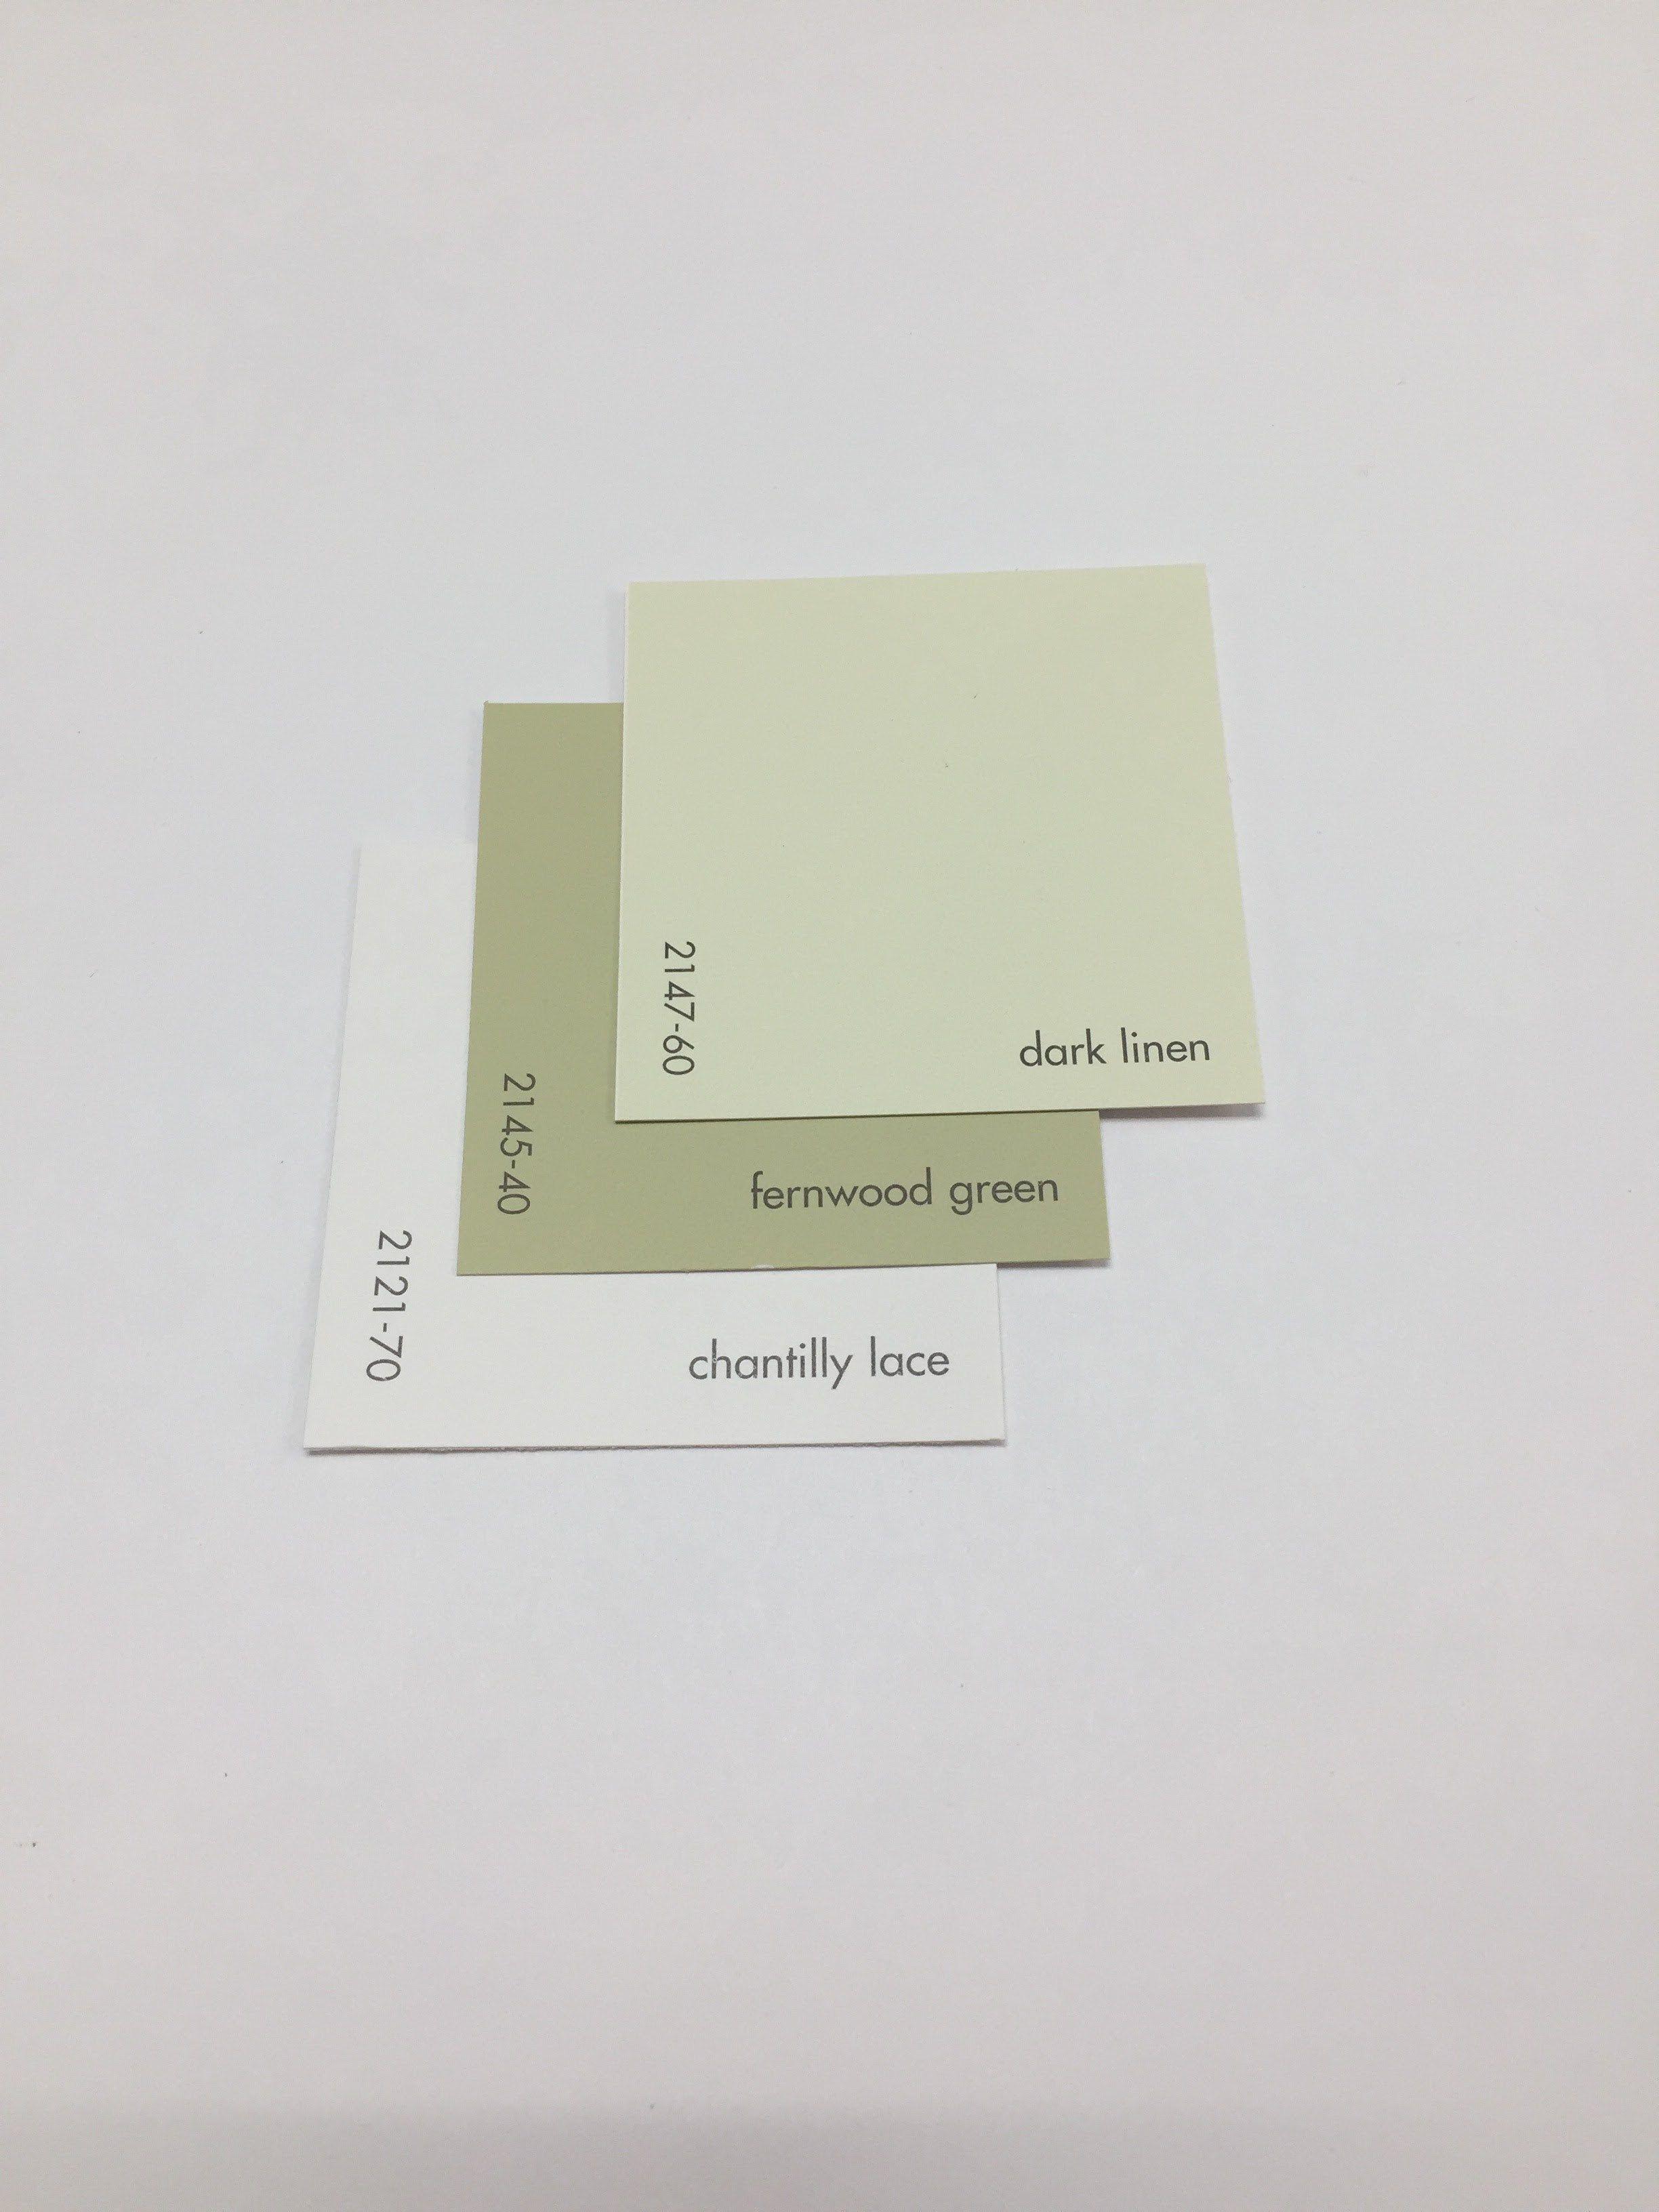 Benjamin Moore Dark Linen 2147 60 Fernwood Green 2145 40